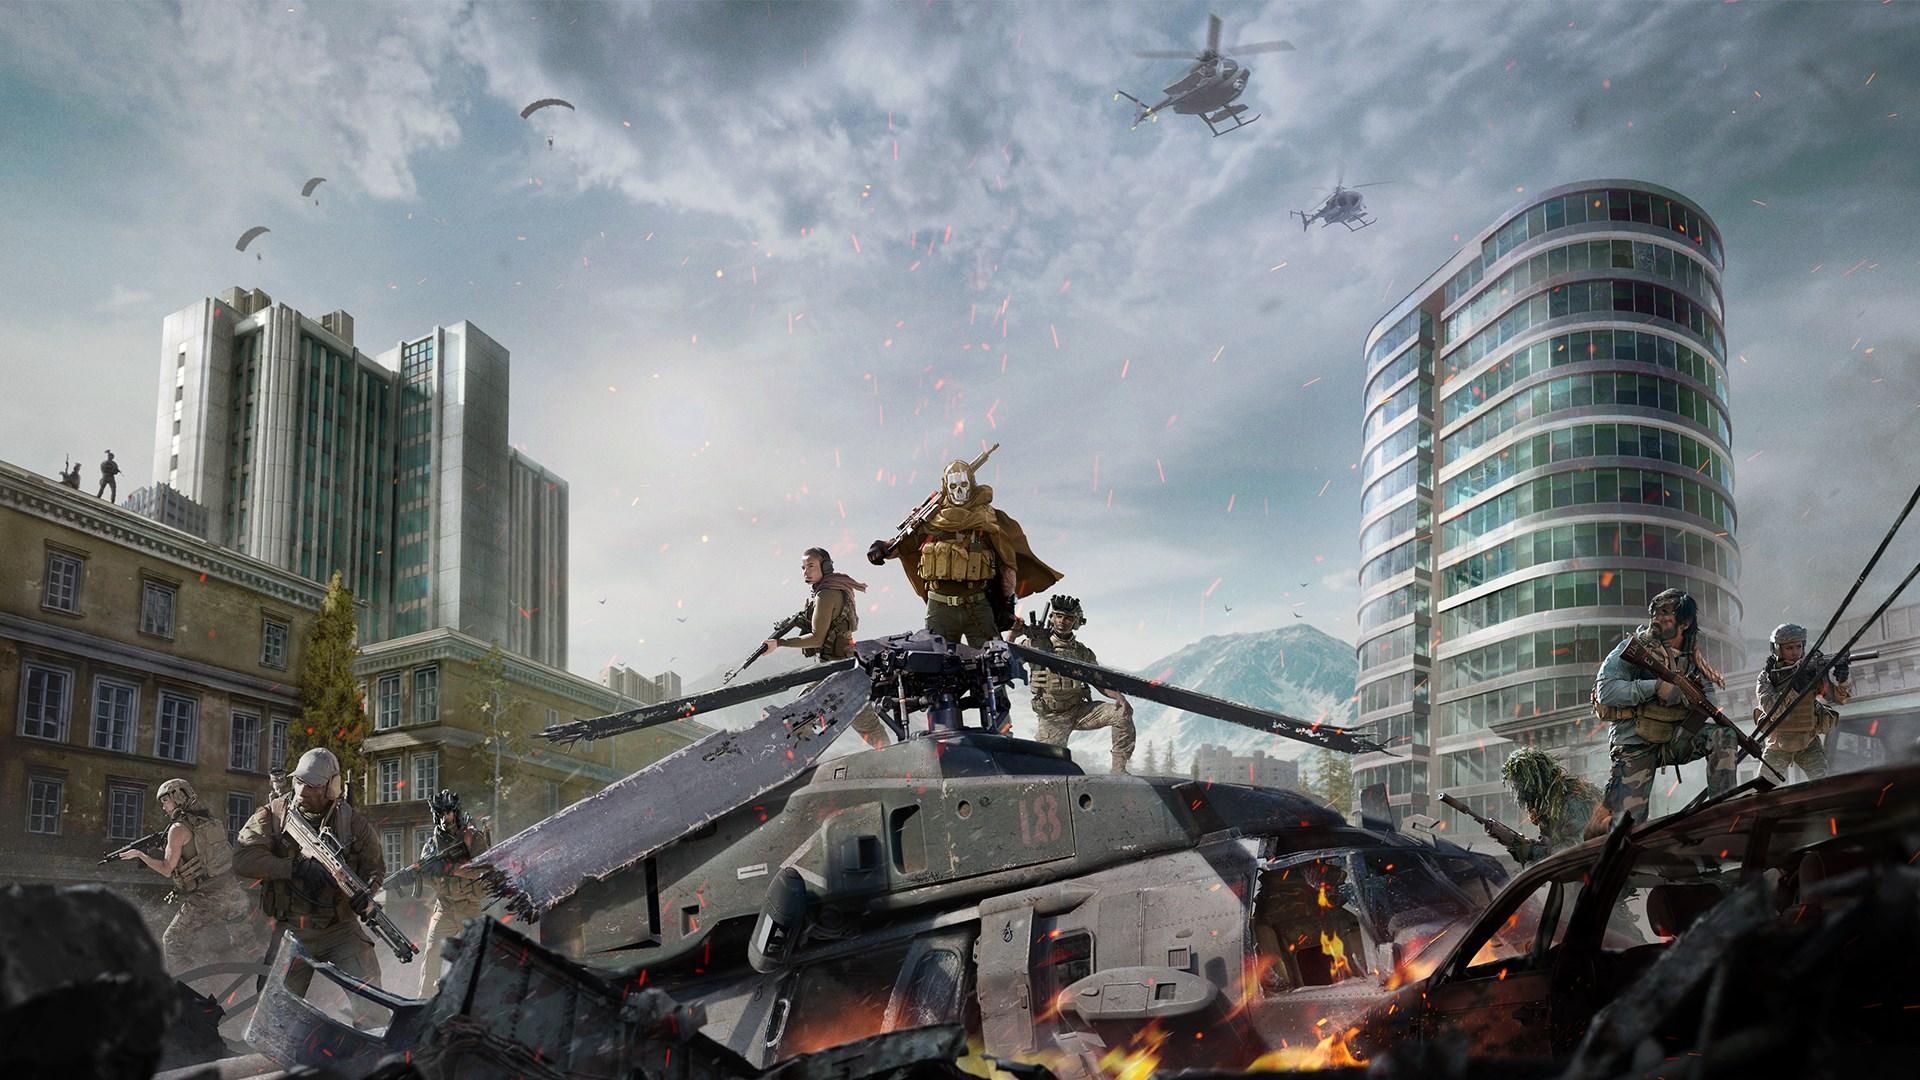 SMS egiaztapena.  Bai Call of Duty: Warzone taldeko iruzurgileek borrokatzen dute